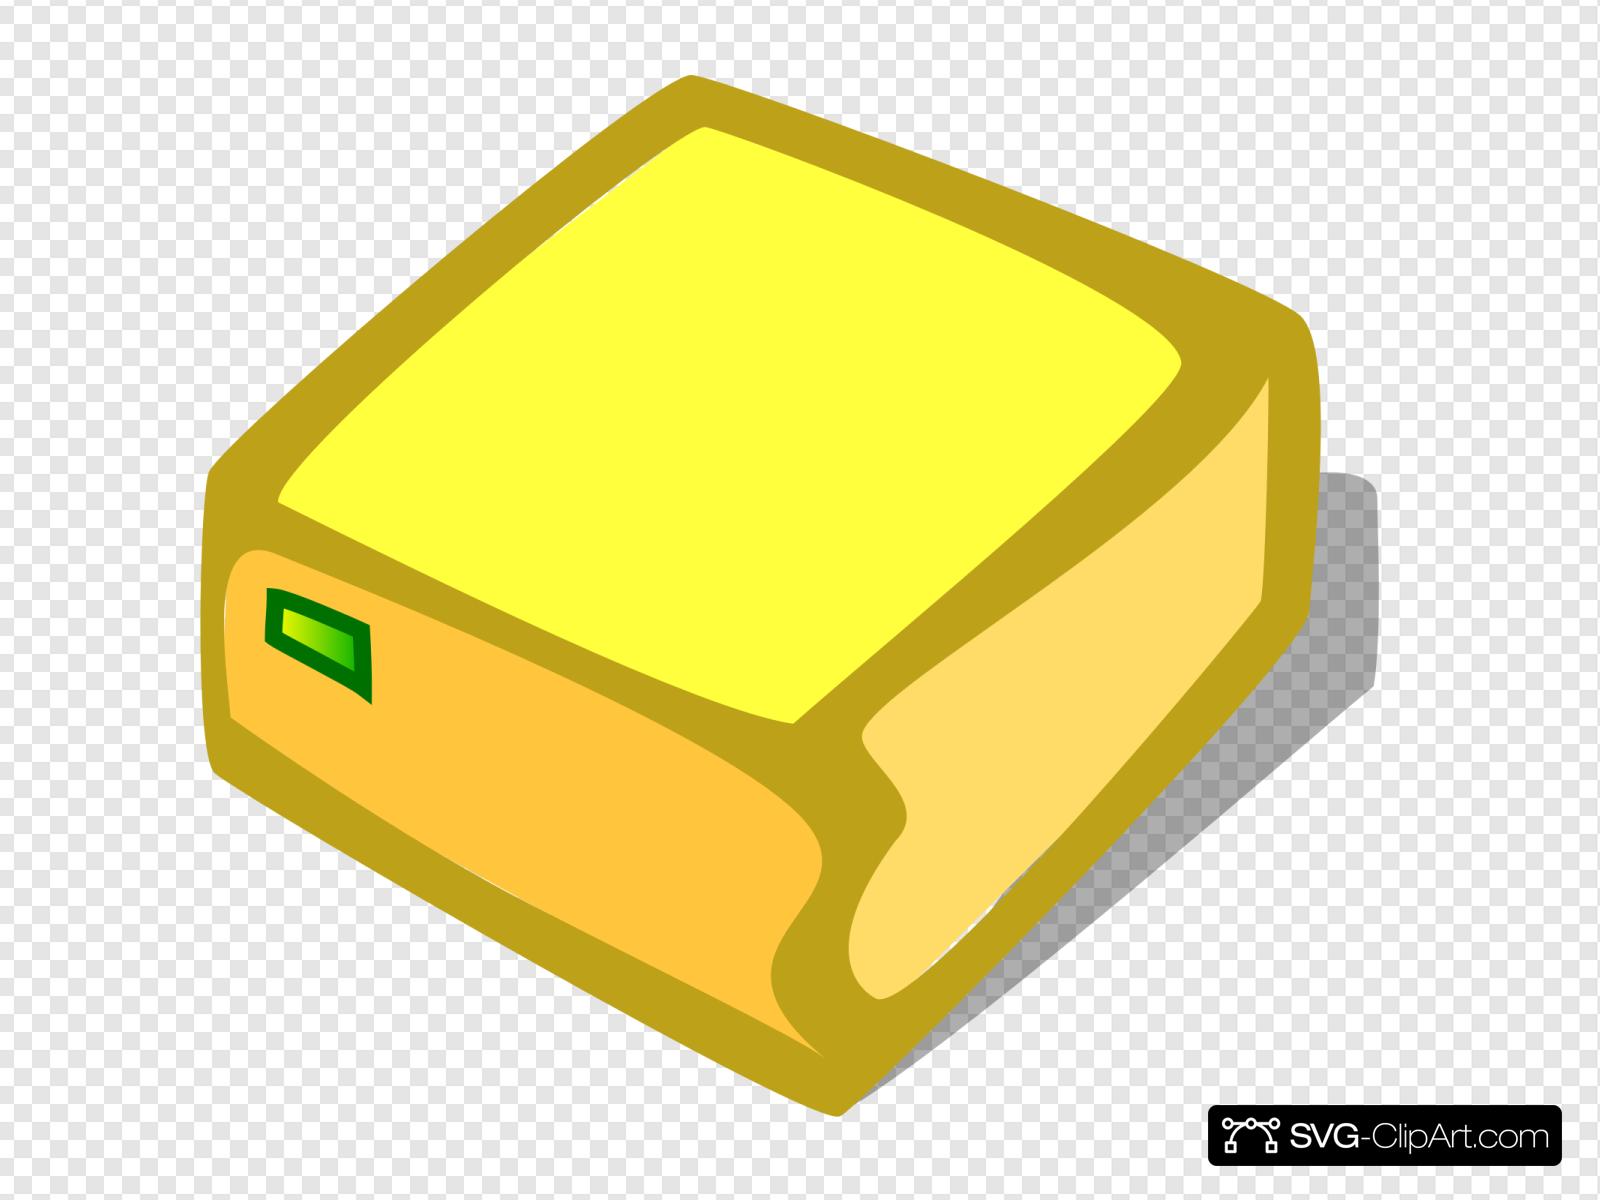 Bright Yellow Box Clip art, Icon and SVG.